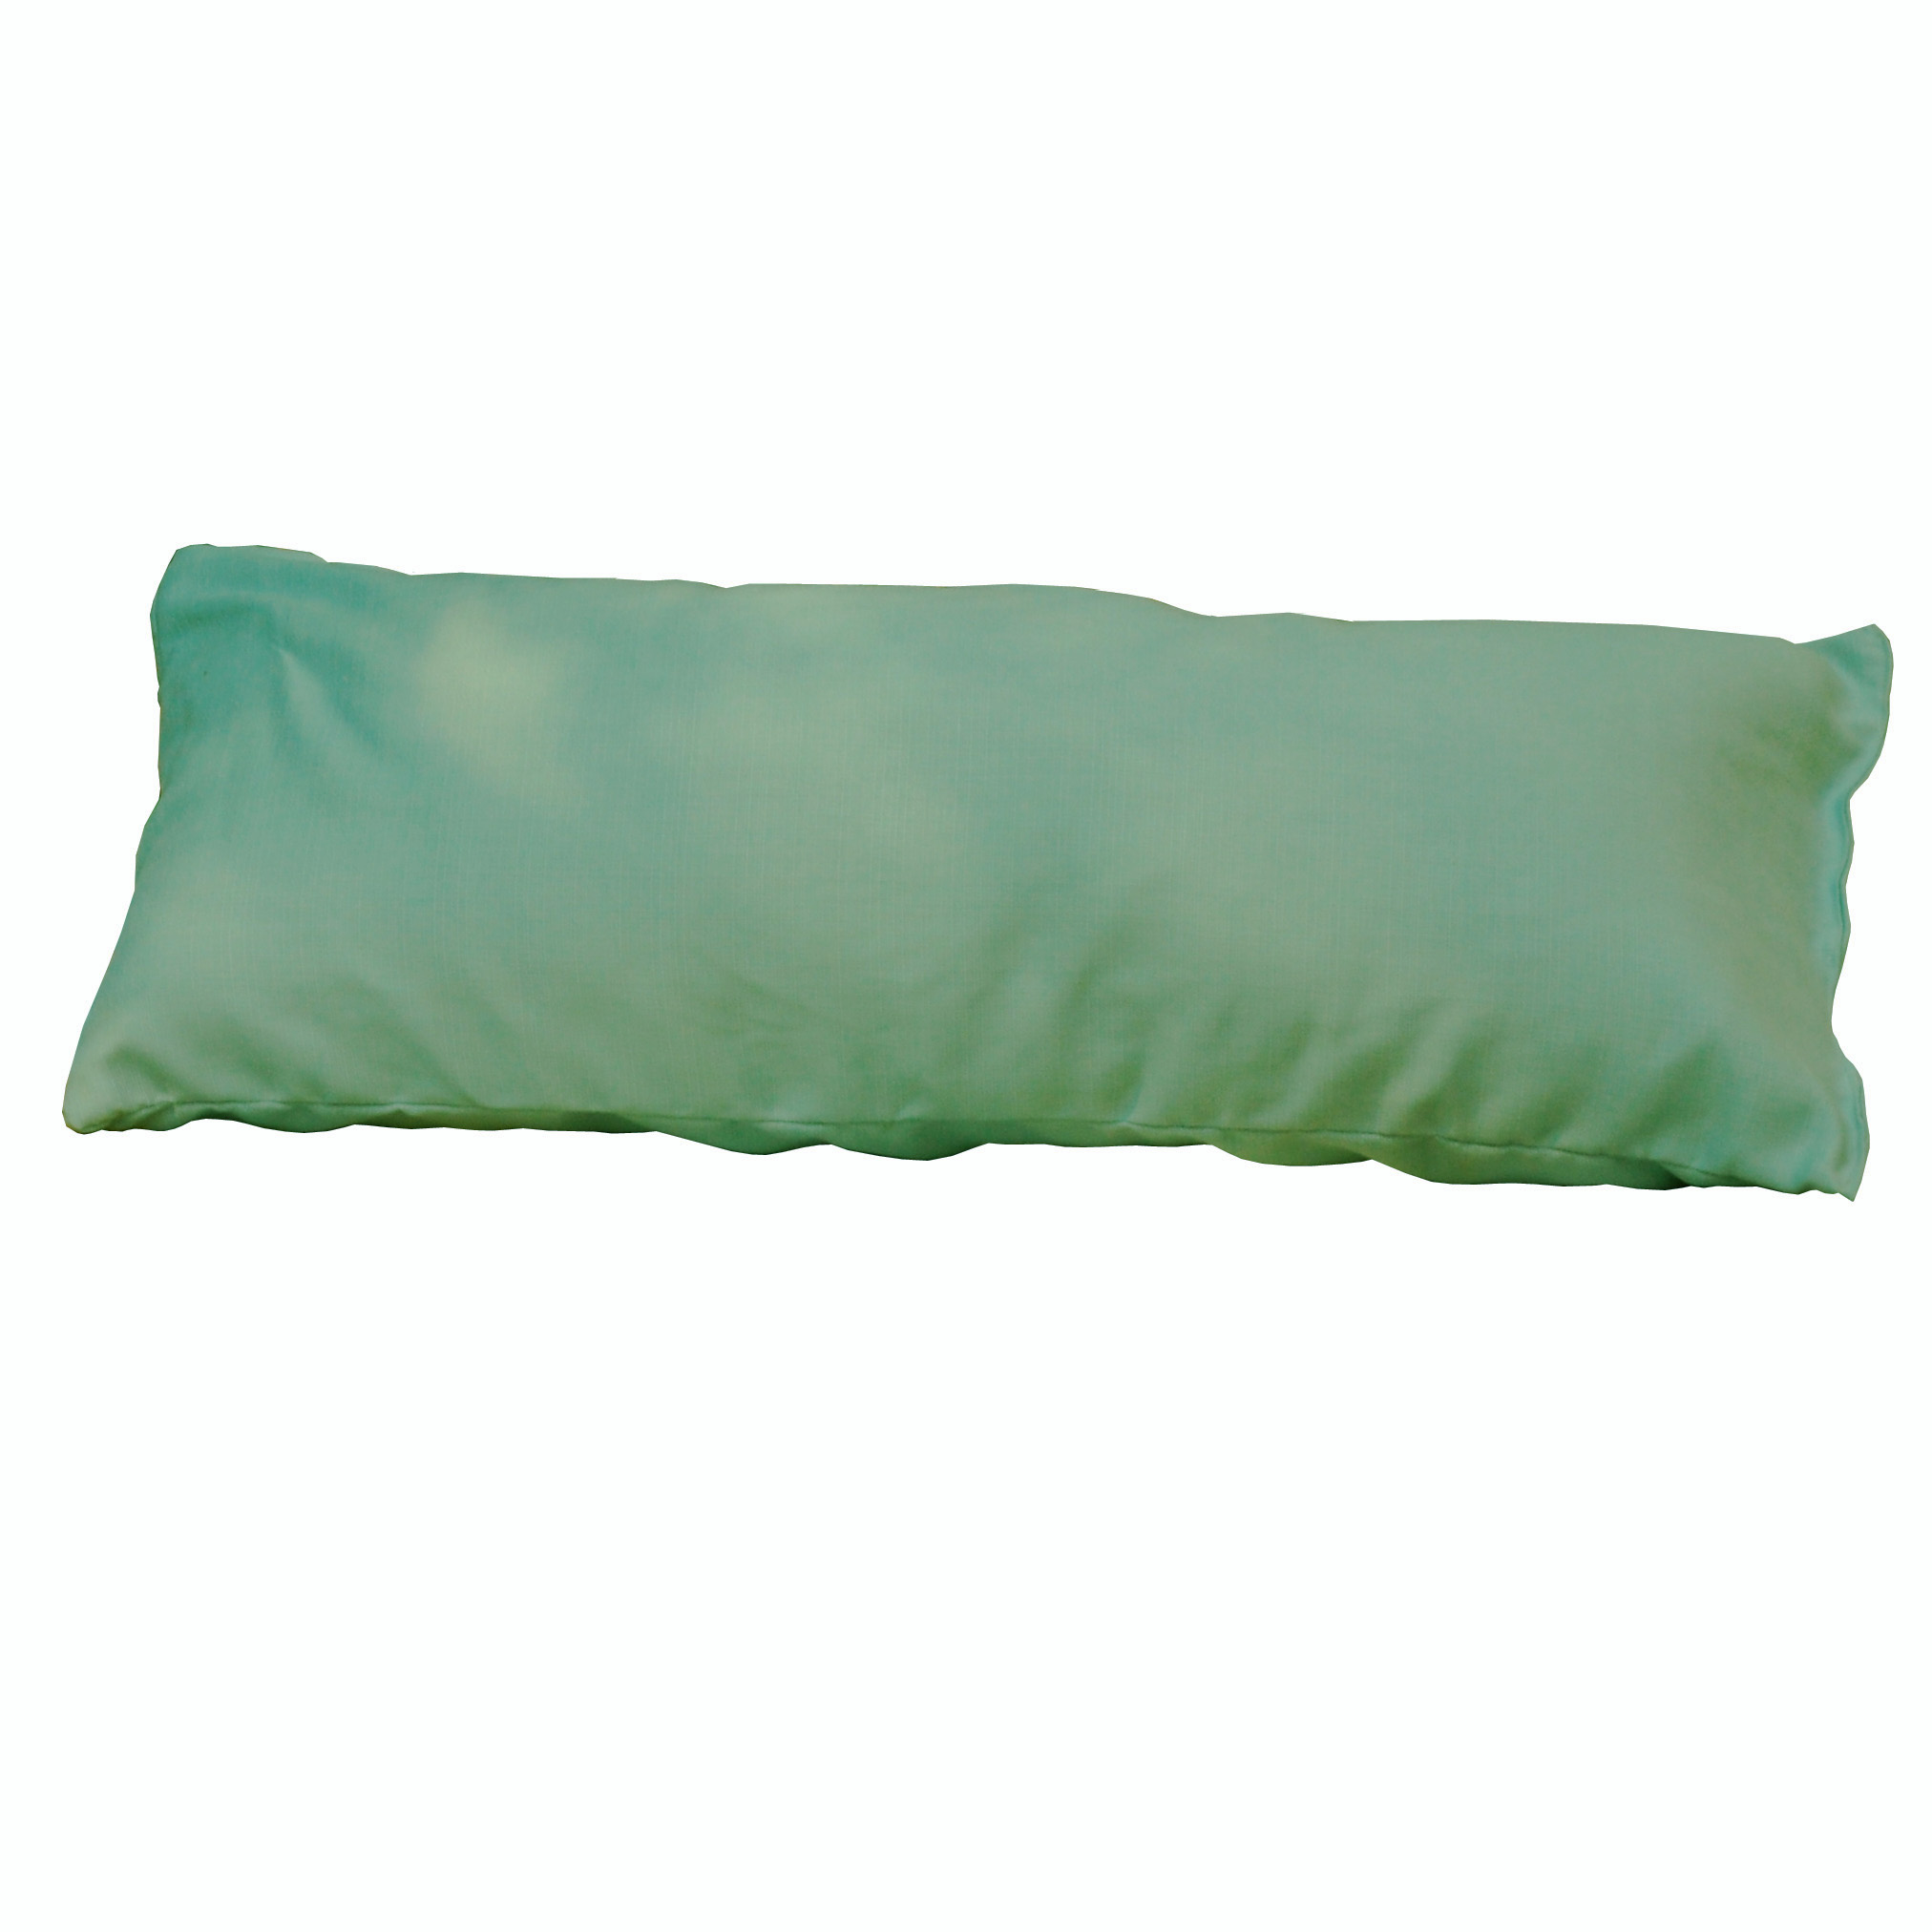 Deluxe Hammock Pillow - Robin Egg